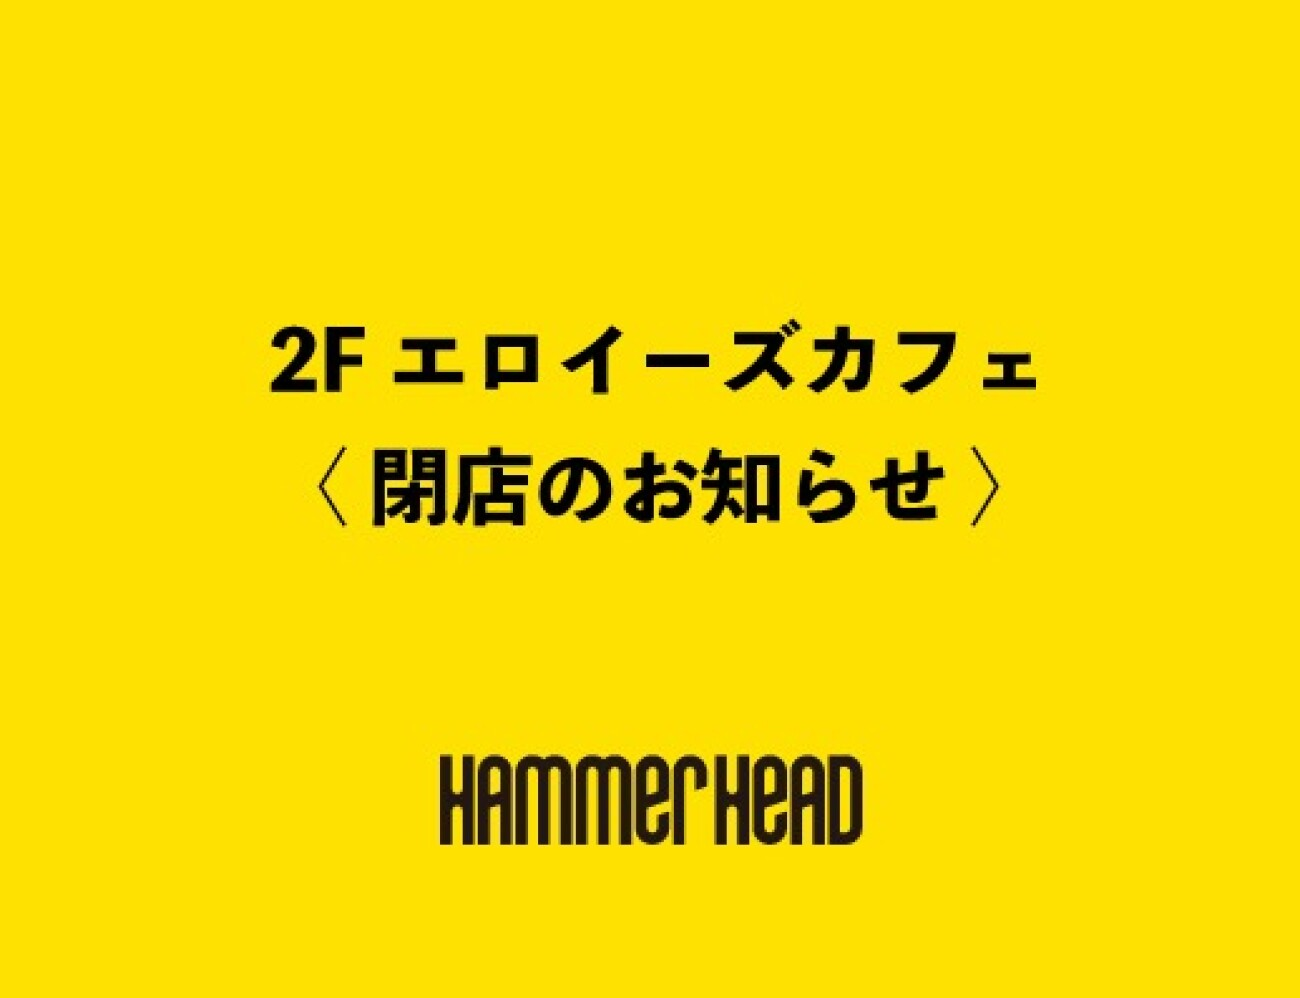 【 8/31(火) 閉店のお知らせ】2F エロイーズカフェ